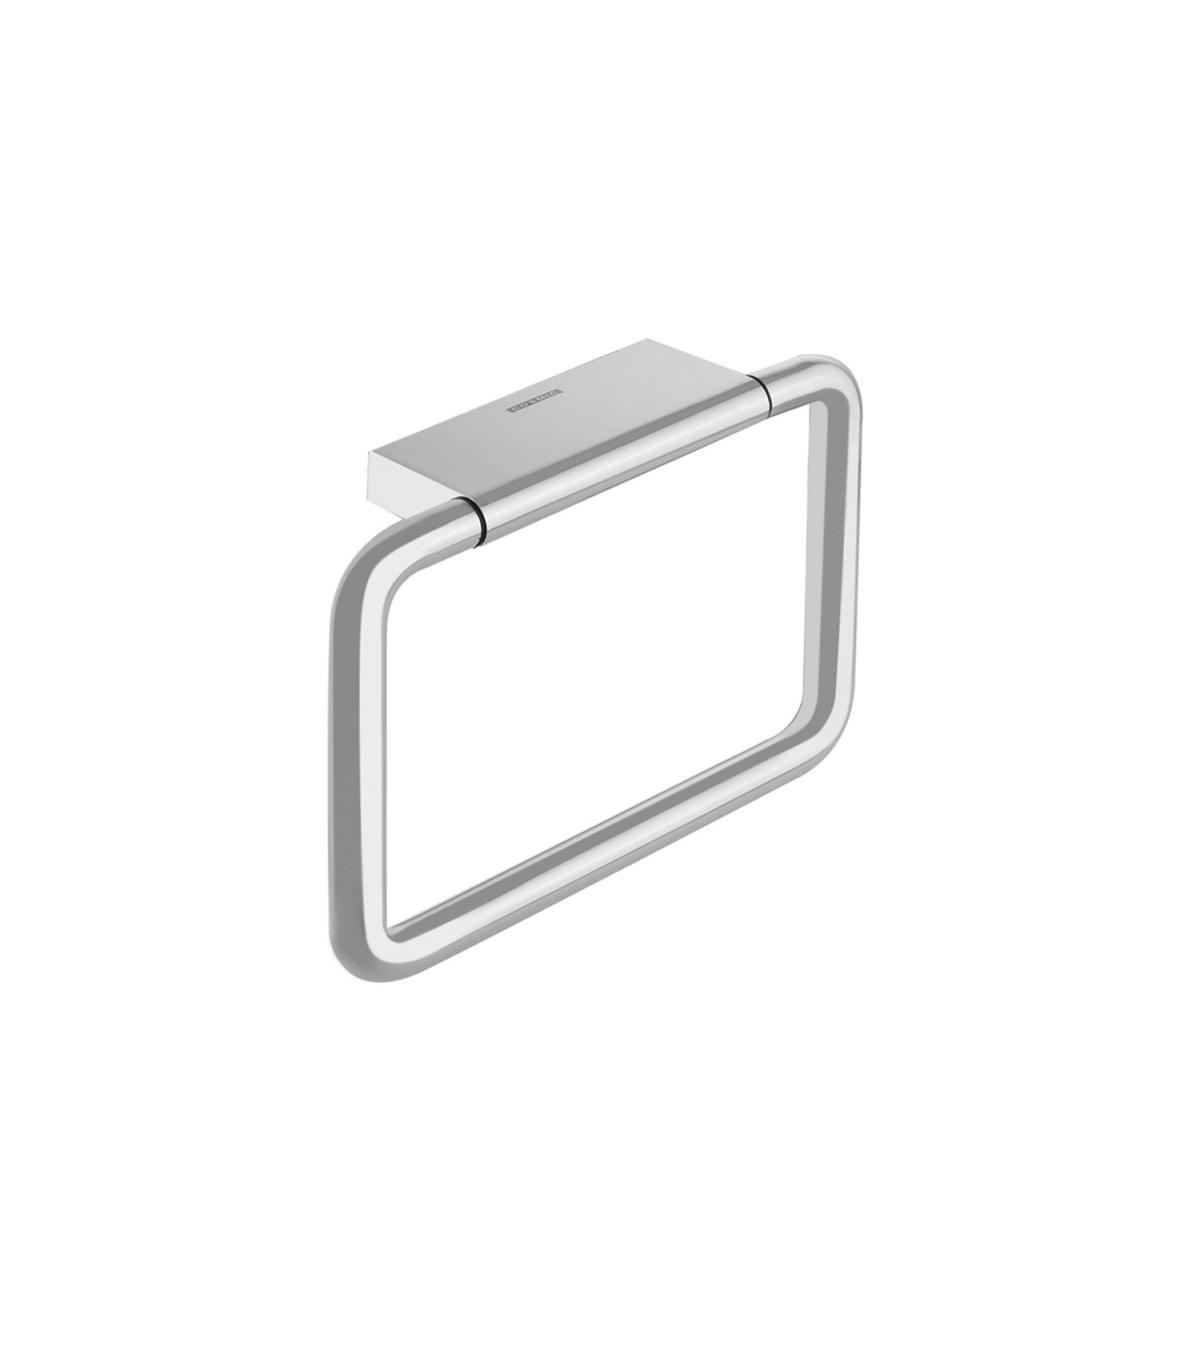 Lavabo A Consolle In Ceramica.Inda Collezione Kona Lavabo A Consolle In Ceramica Art T298330